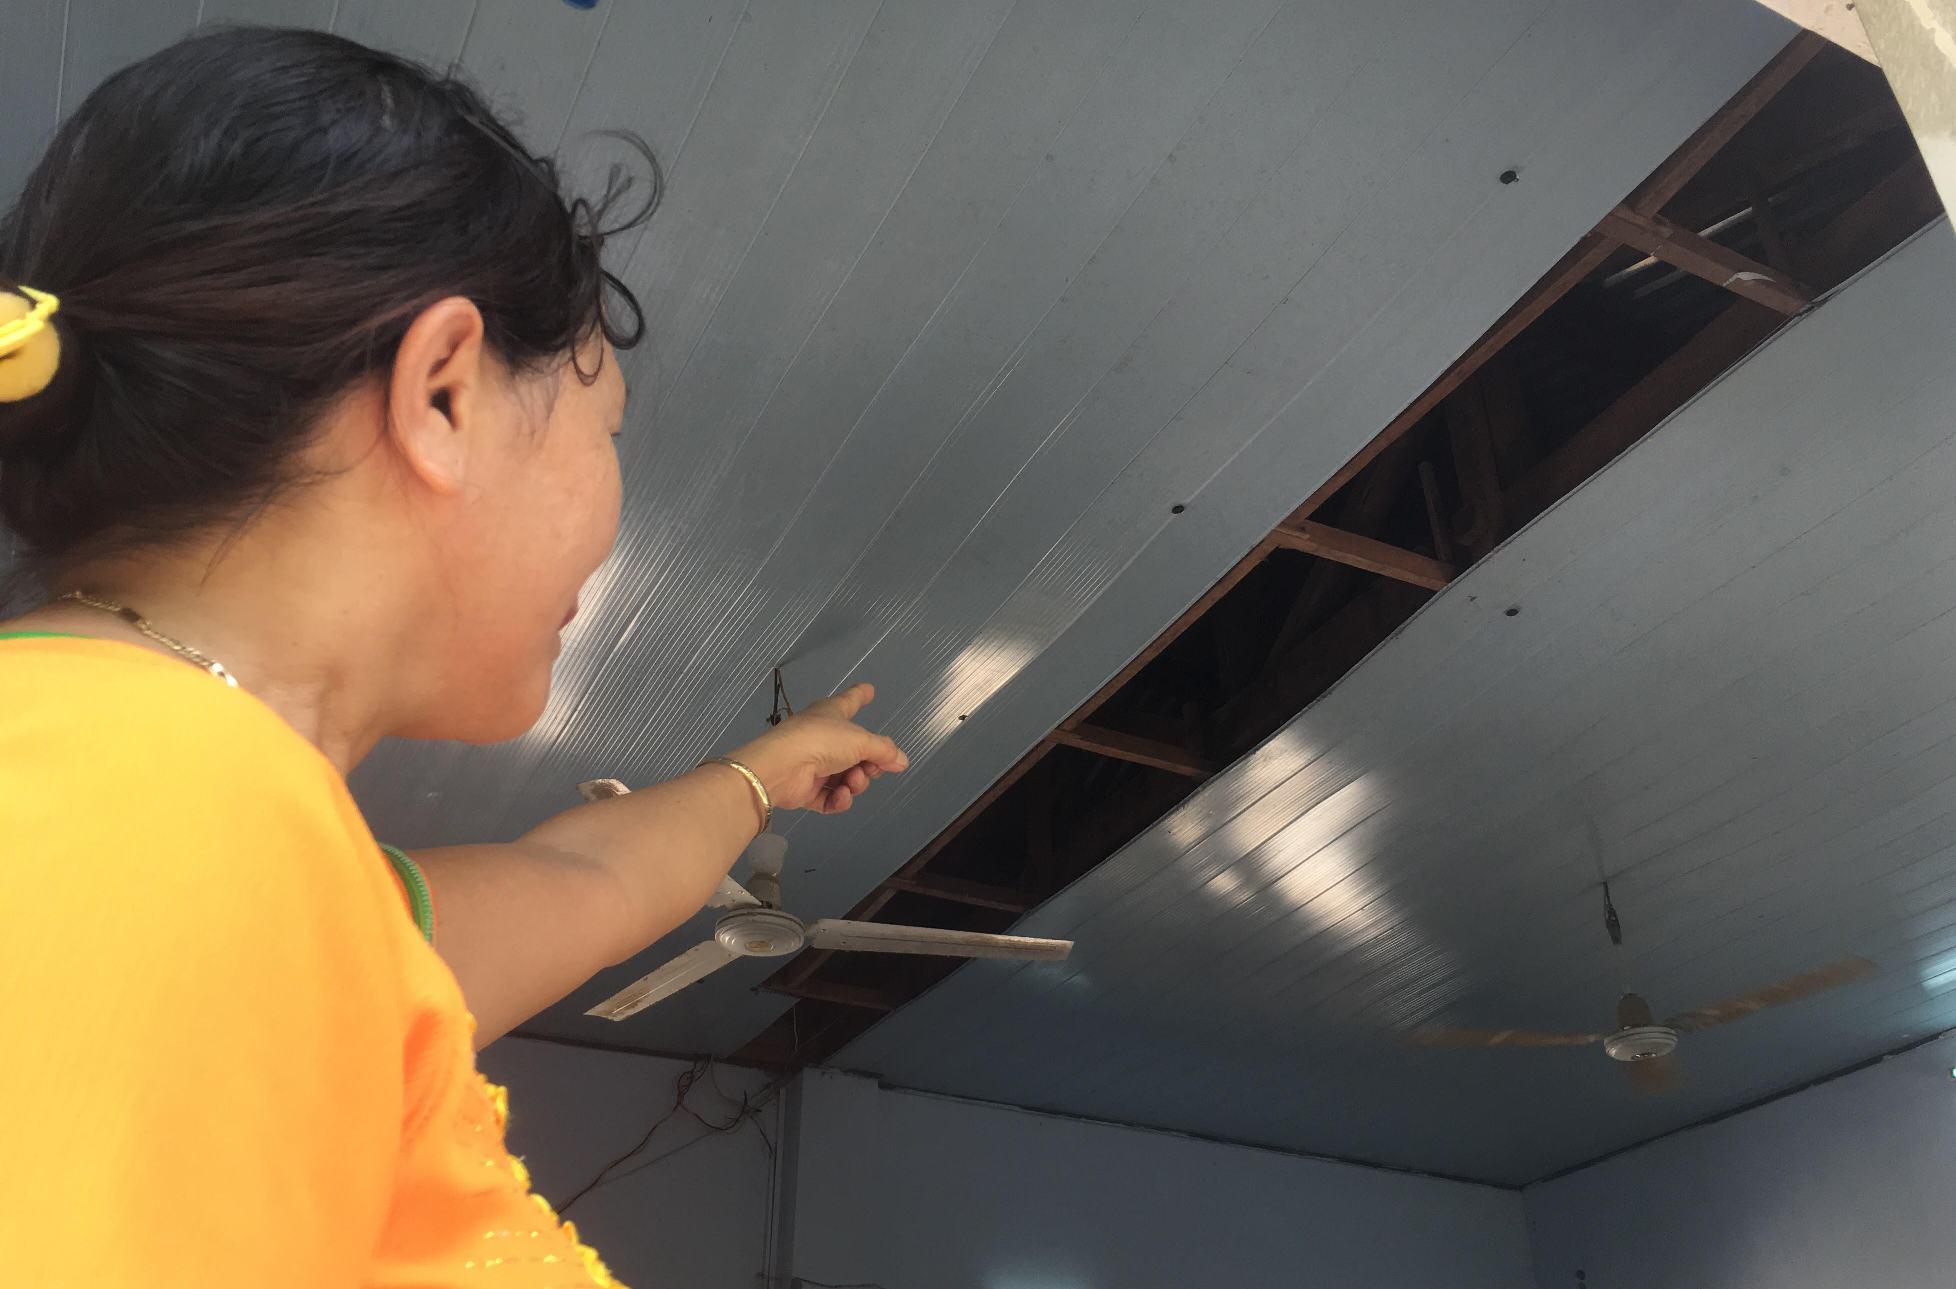 La phông phòng học bị hở, để lộ phần gỗ bị mối ăn bên trong. Ảnh: PHAN VINH